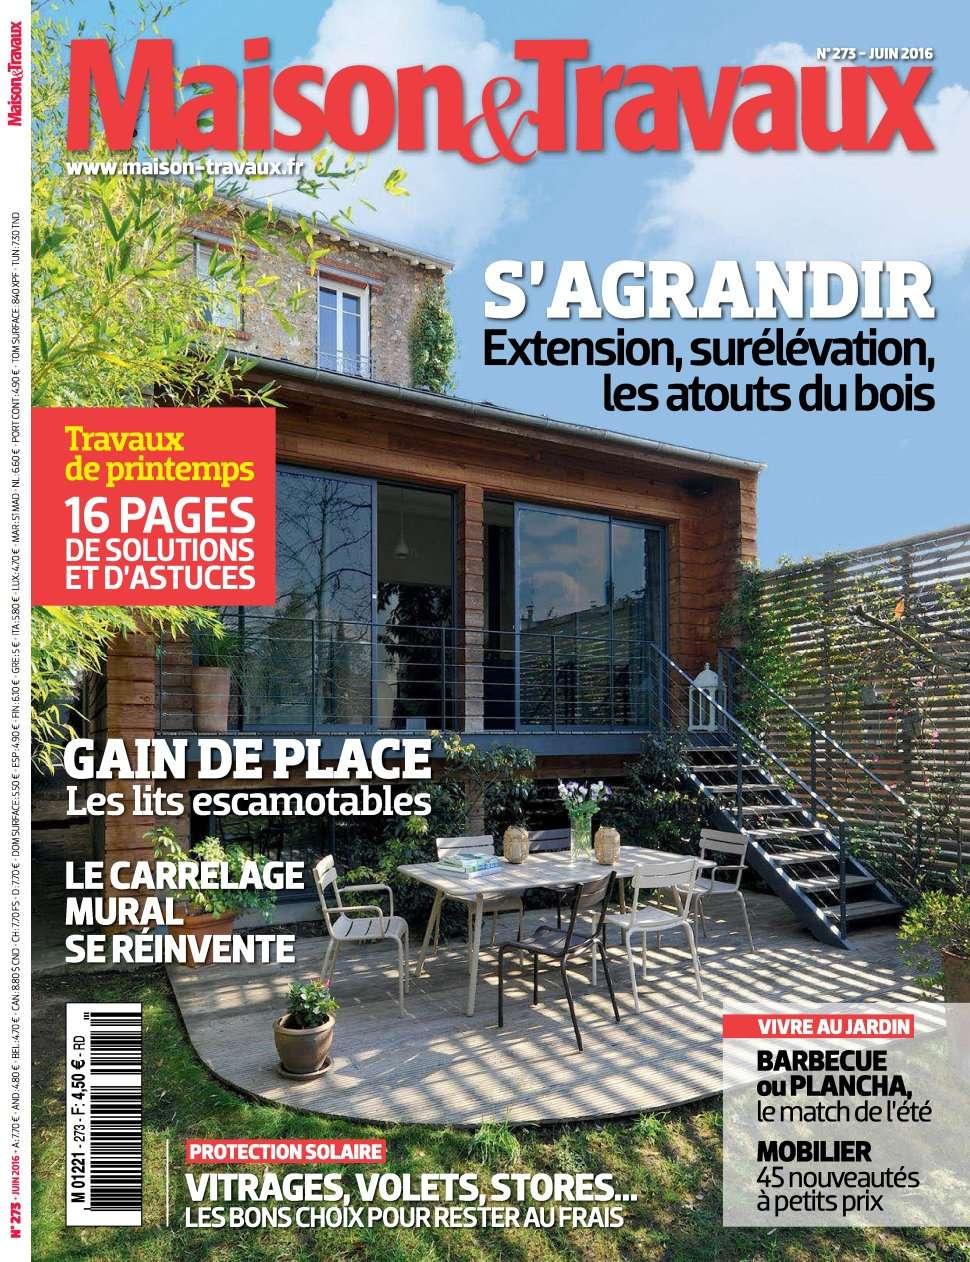 Maison & Travaux 273 - Juin 2016